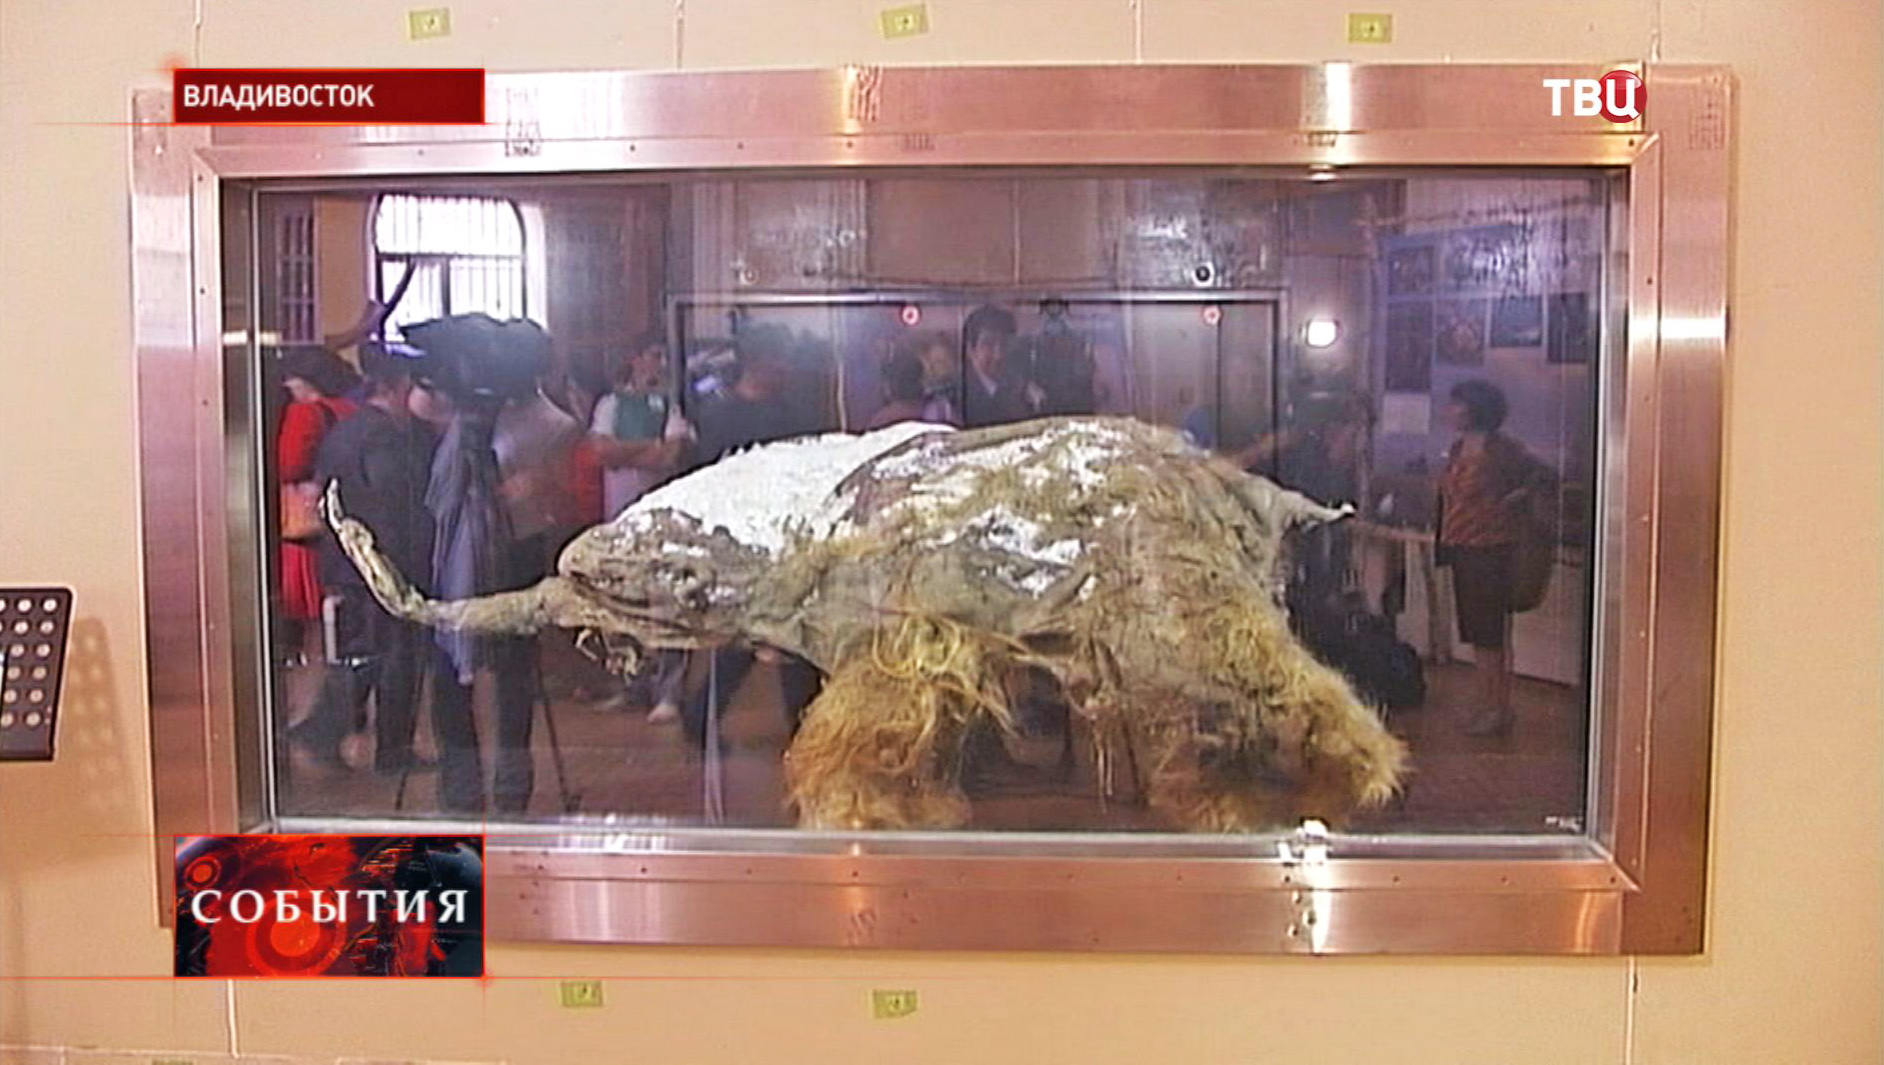 Мамонтенок Юка на выставке во Владивостоке